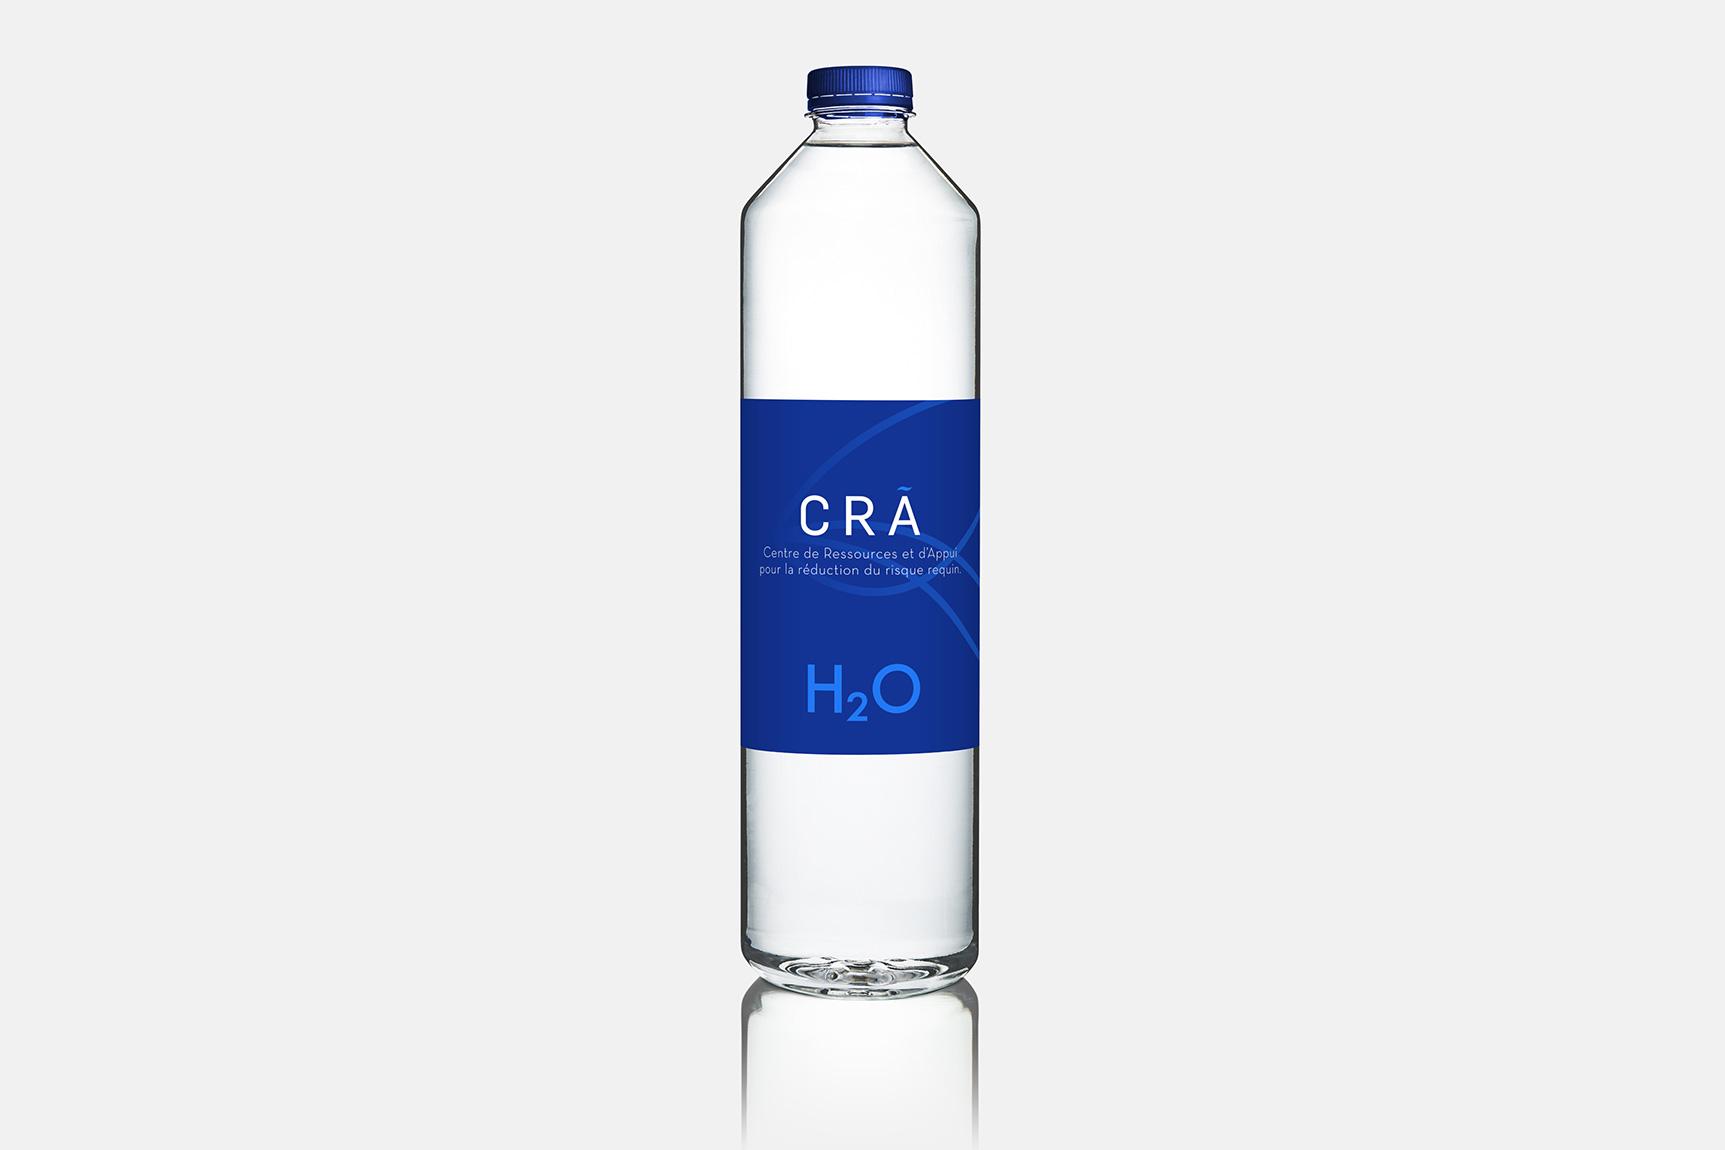 cra-1